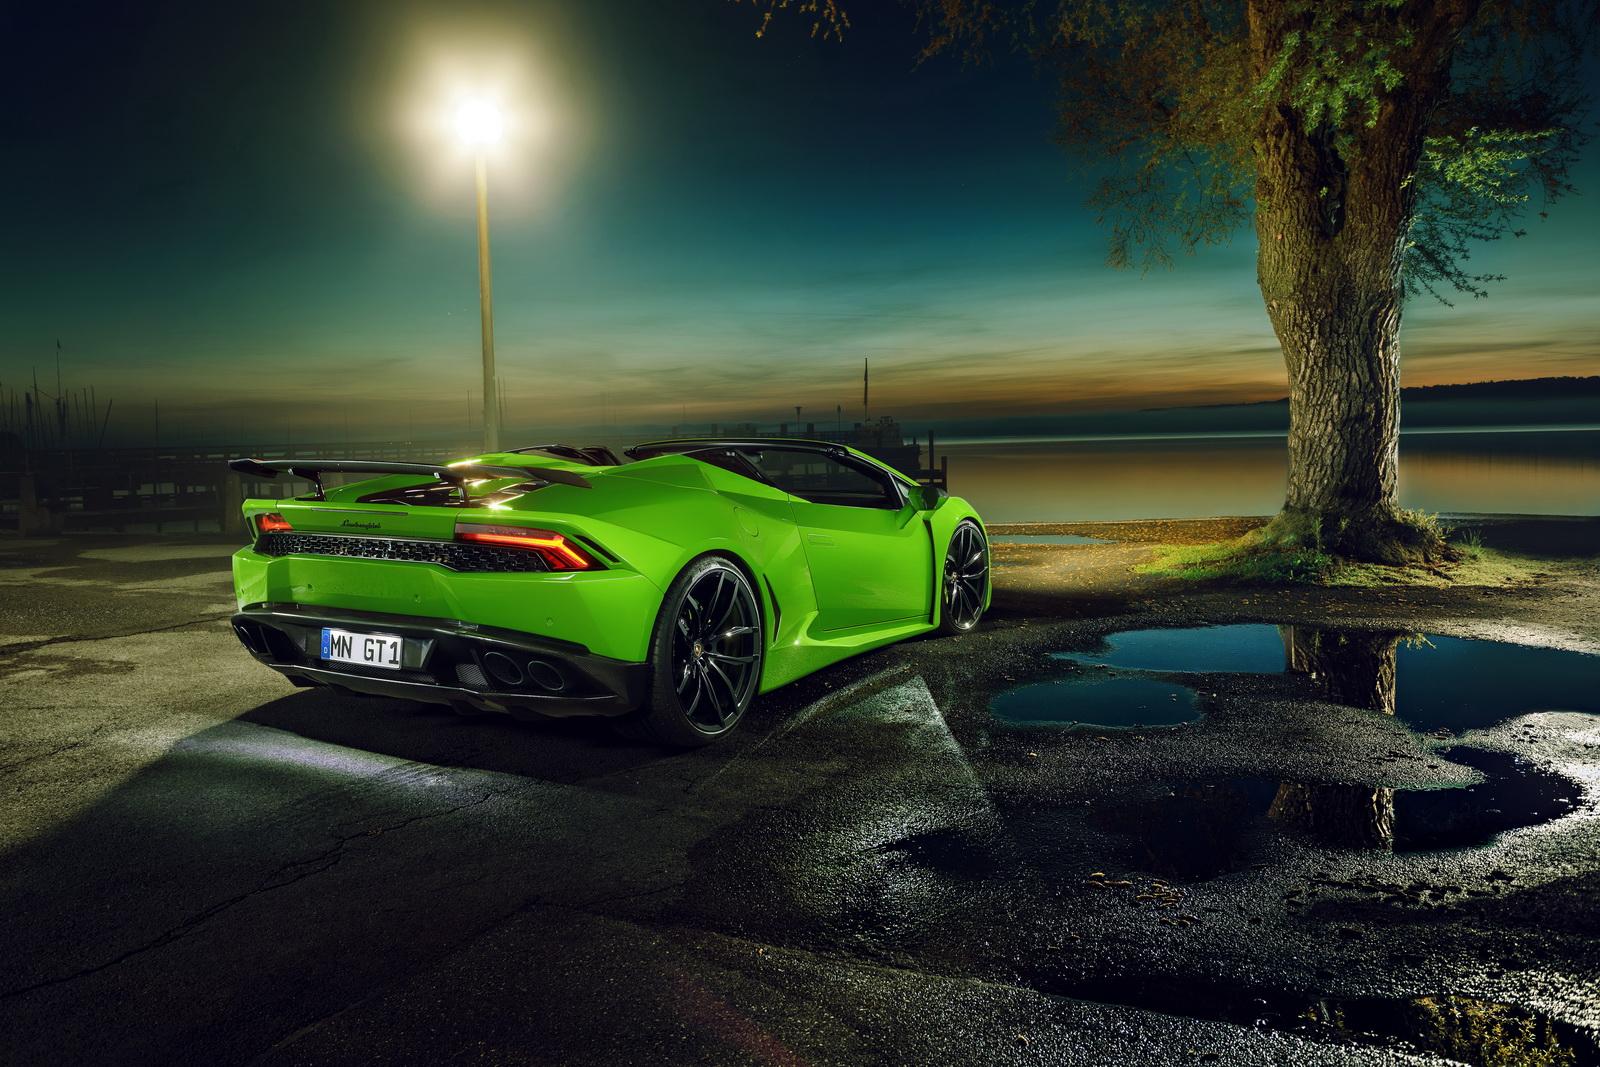 Lamborghini Huracan Spyder Gets The Novitec N-LARGO Treatment